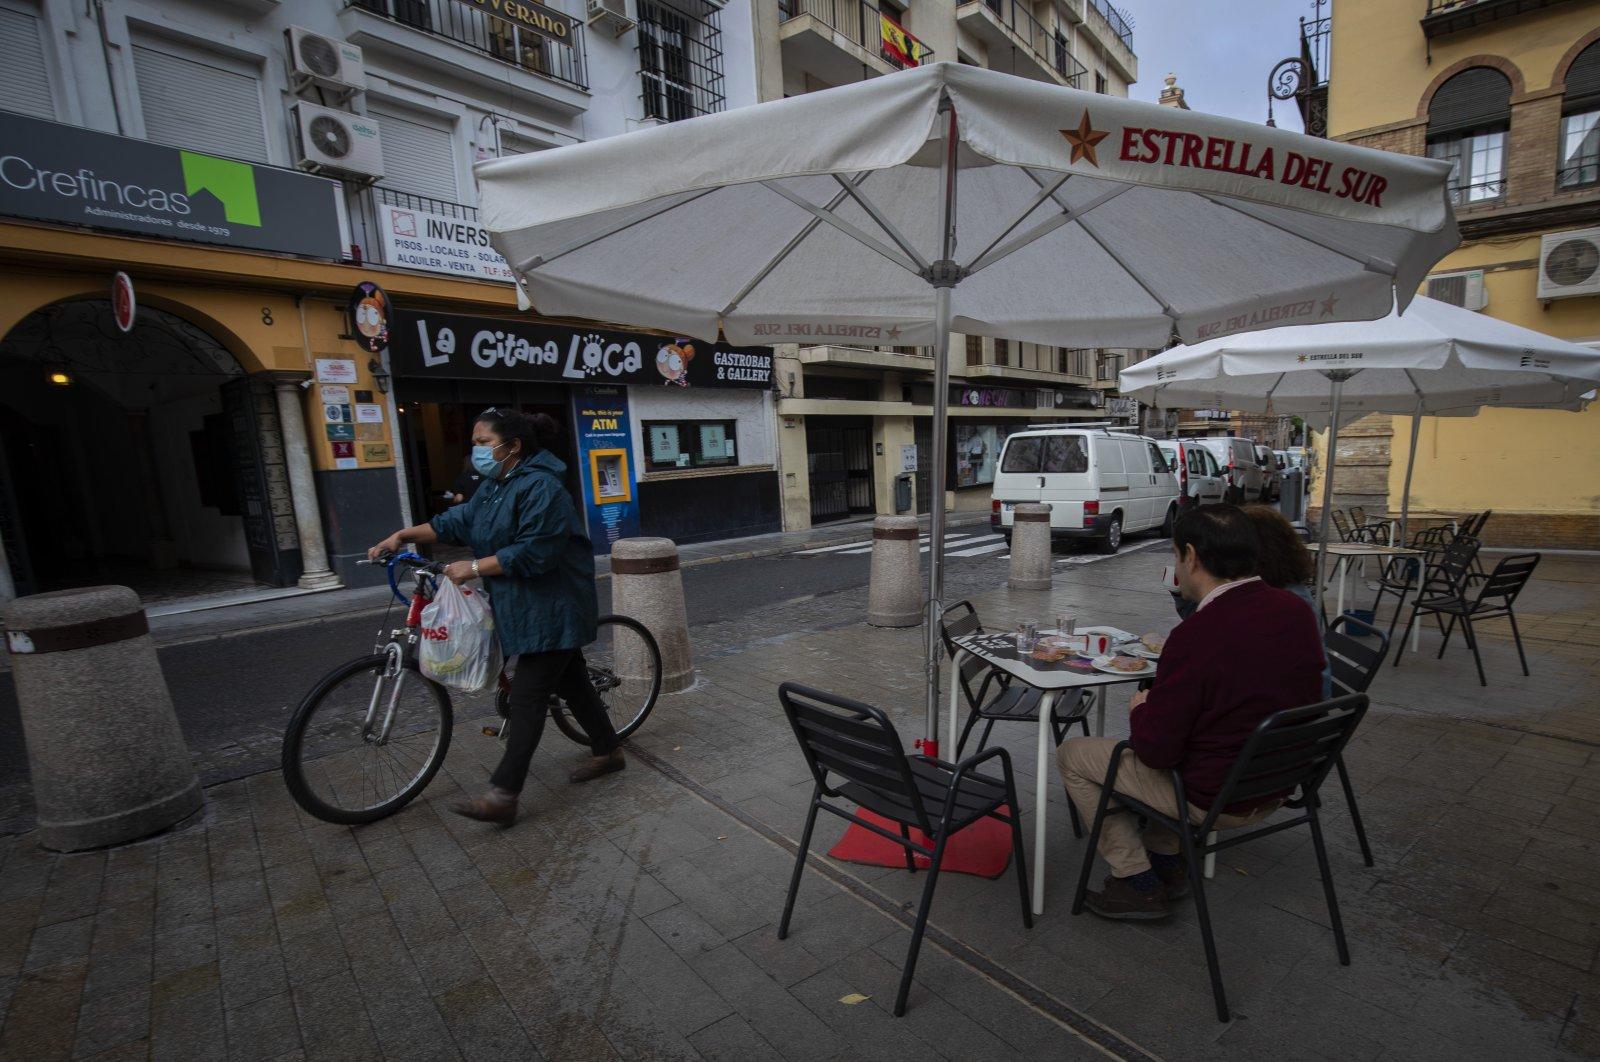 Two people eat breakfast in a terrace bar, Seville, Spain, May 11, 2020. (AP Photo)